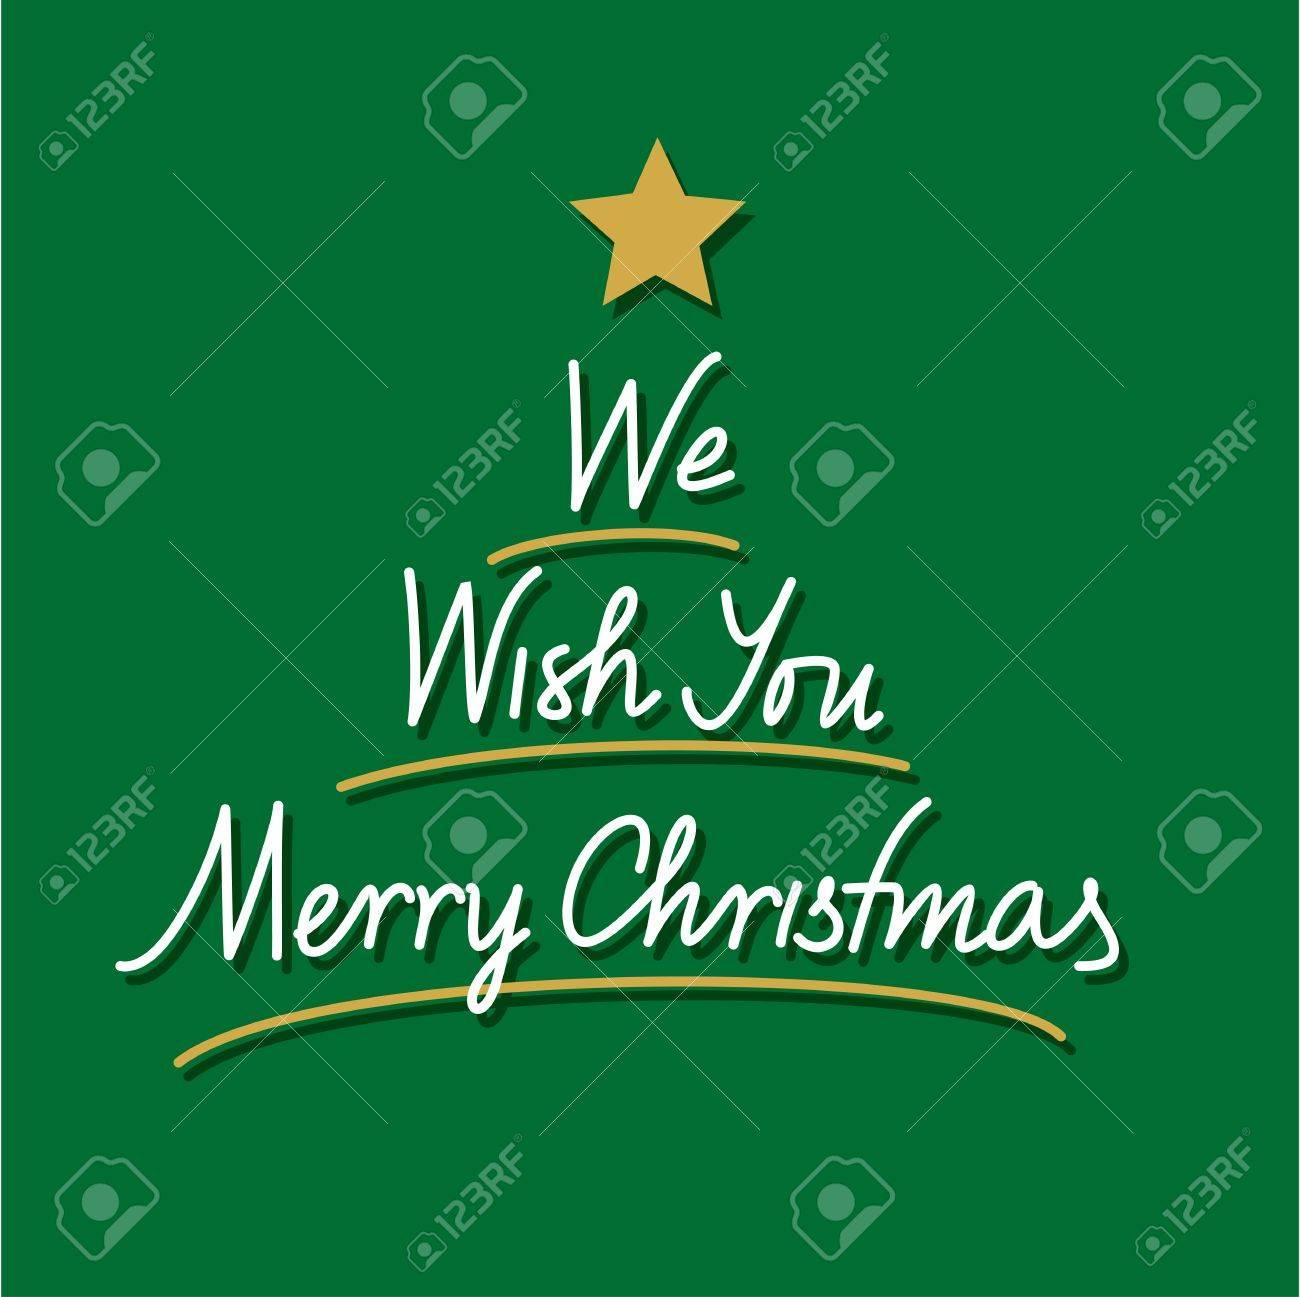 Wir Wünschen Ihnen Frohe Weihnachten Hand Lettering Lizenzfrei ...